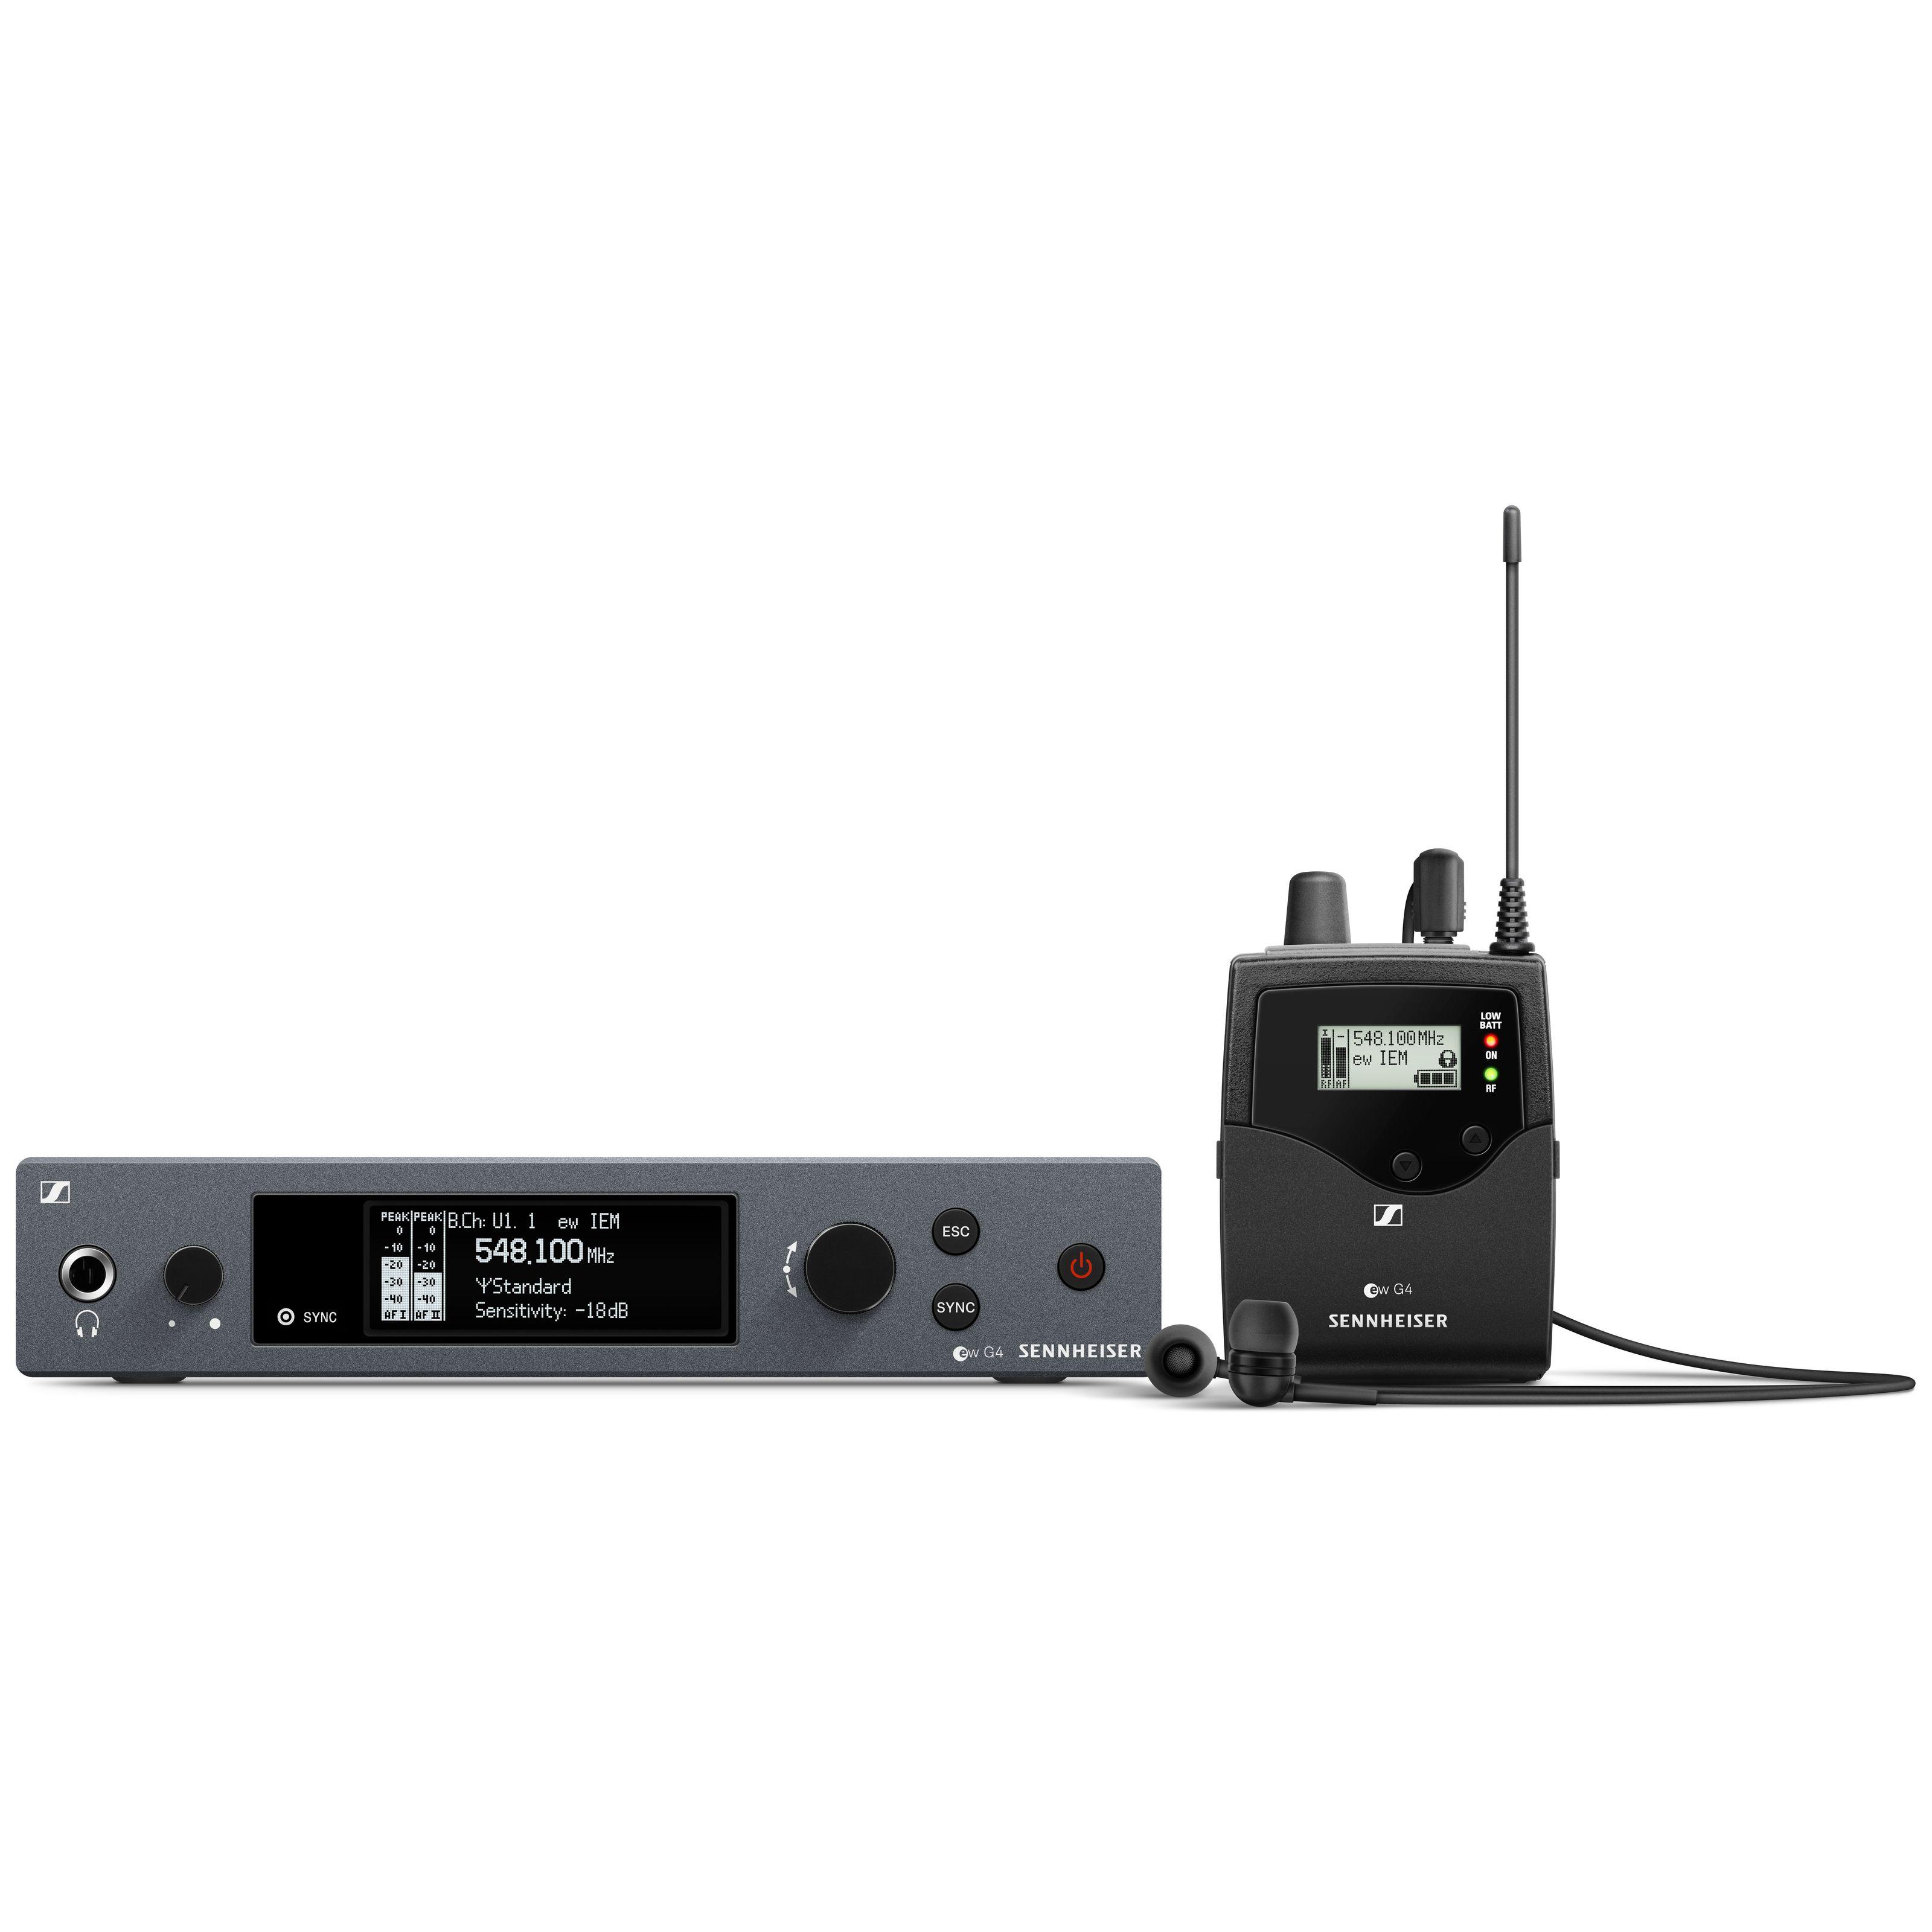 Sennheiser - ew IEM G4-GB Wireless Monitor Set 507830